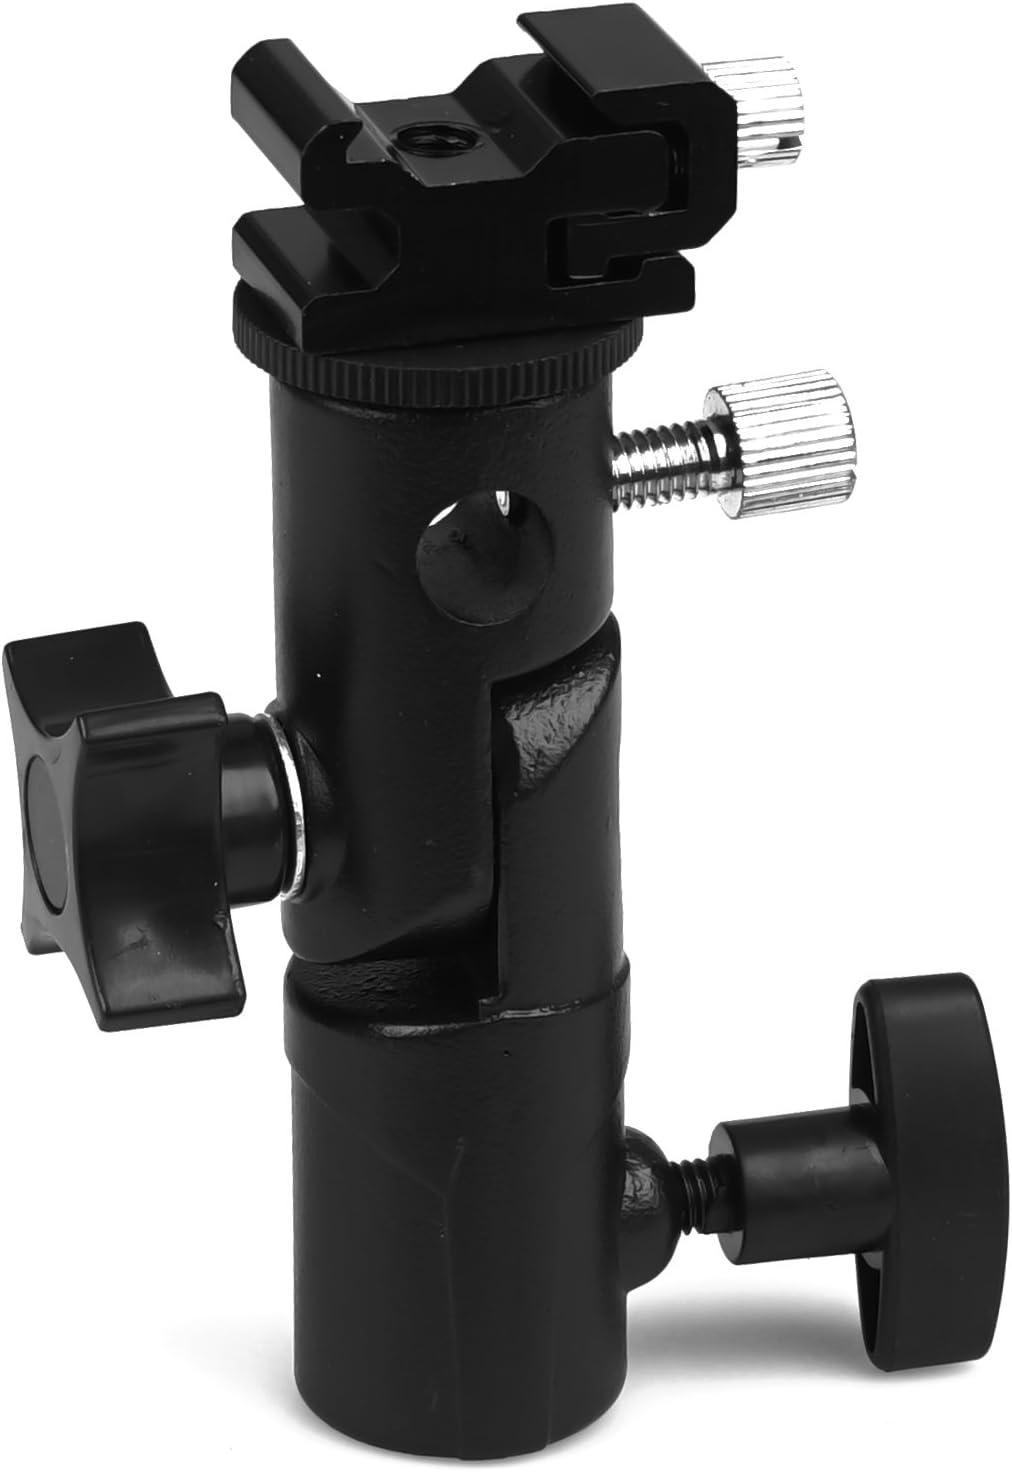 Blitzneiger 1 4 Zoll Blitzschuh Schirmhalter Kamera